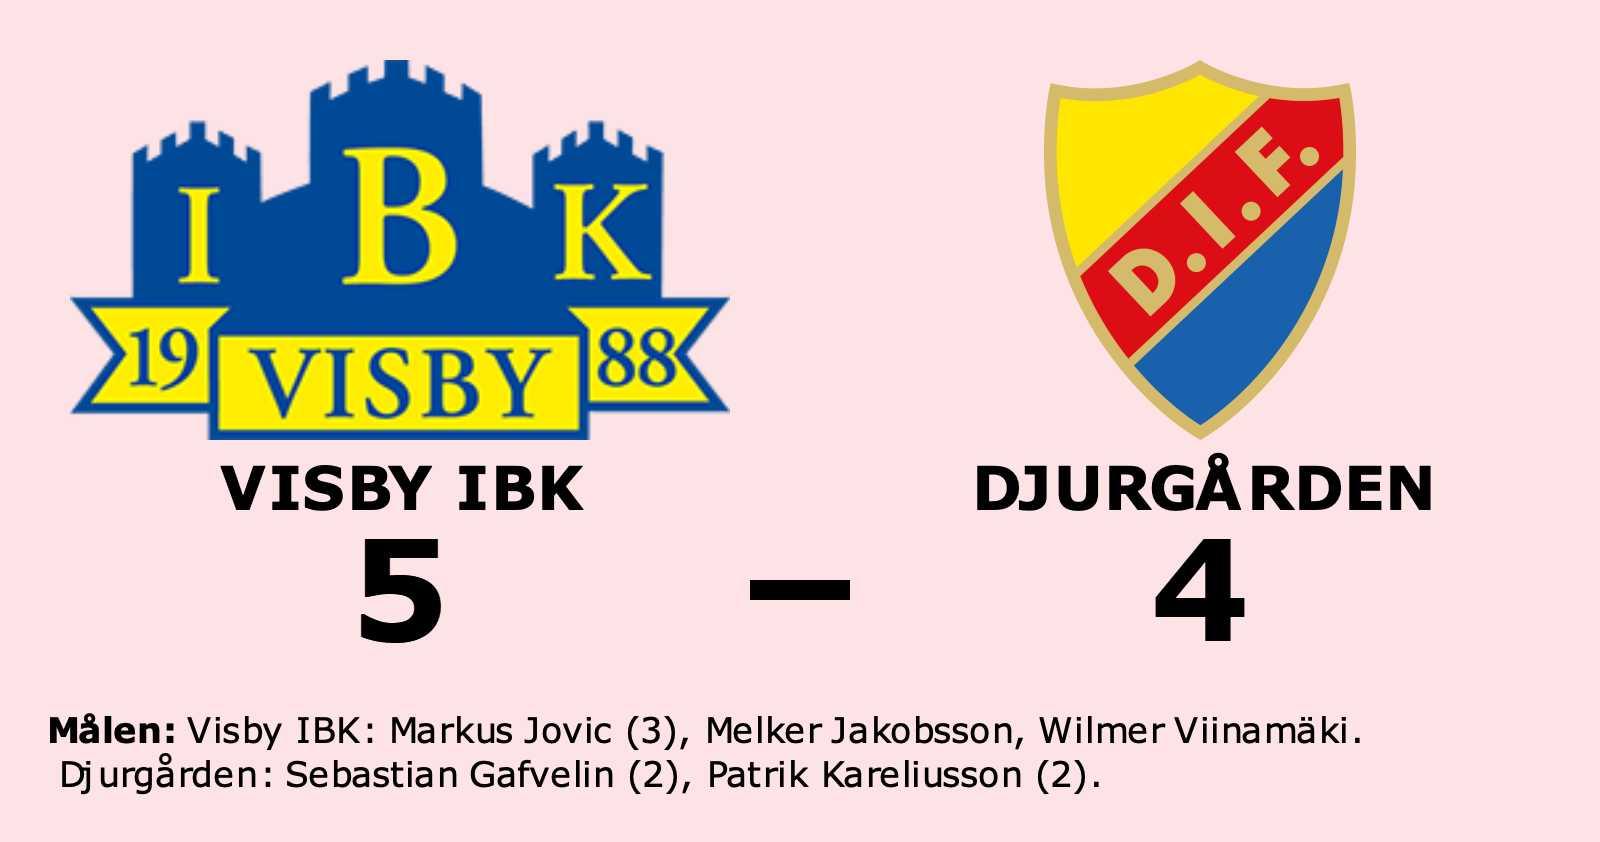 Djurgården föll i toppmötet mot Visby IBK